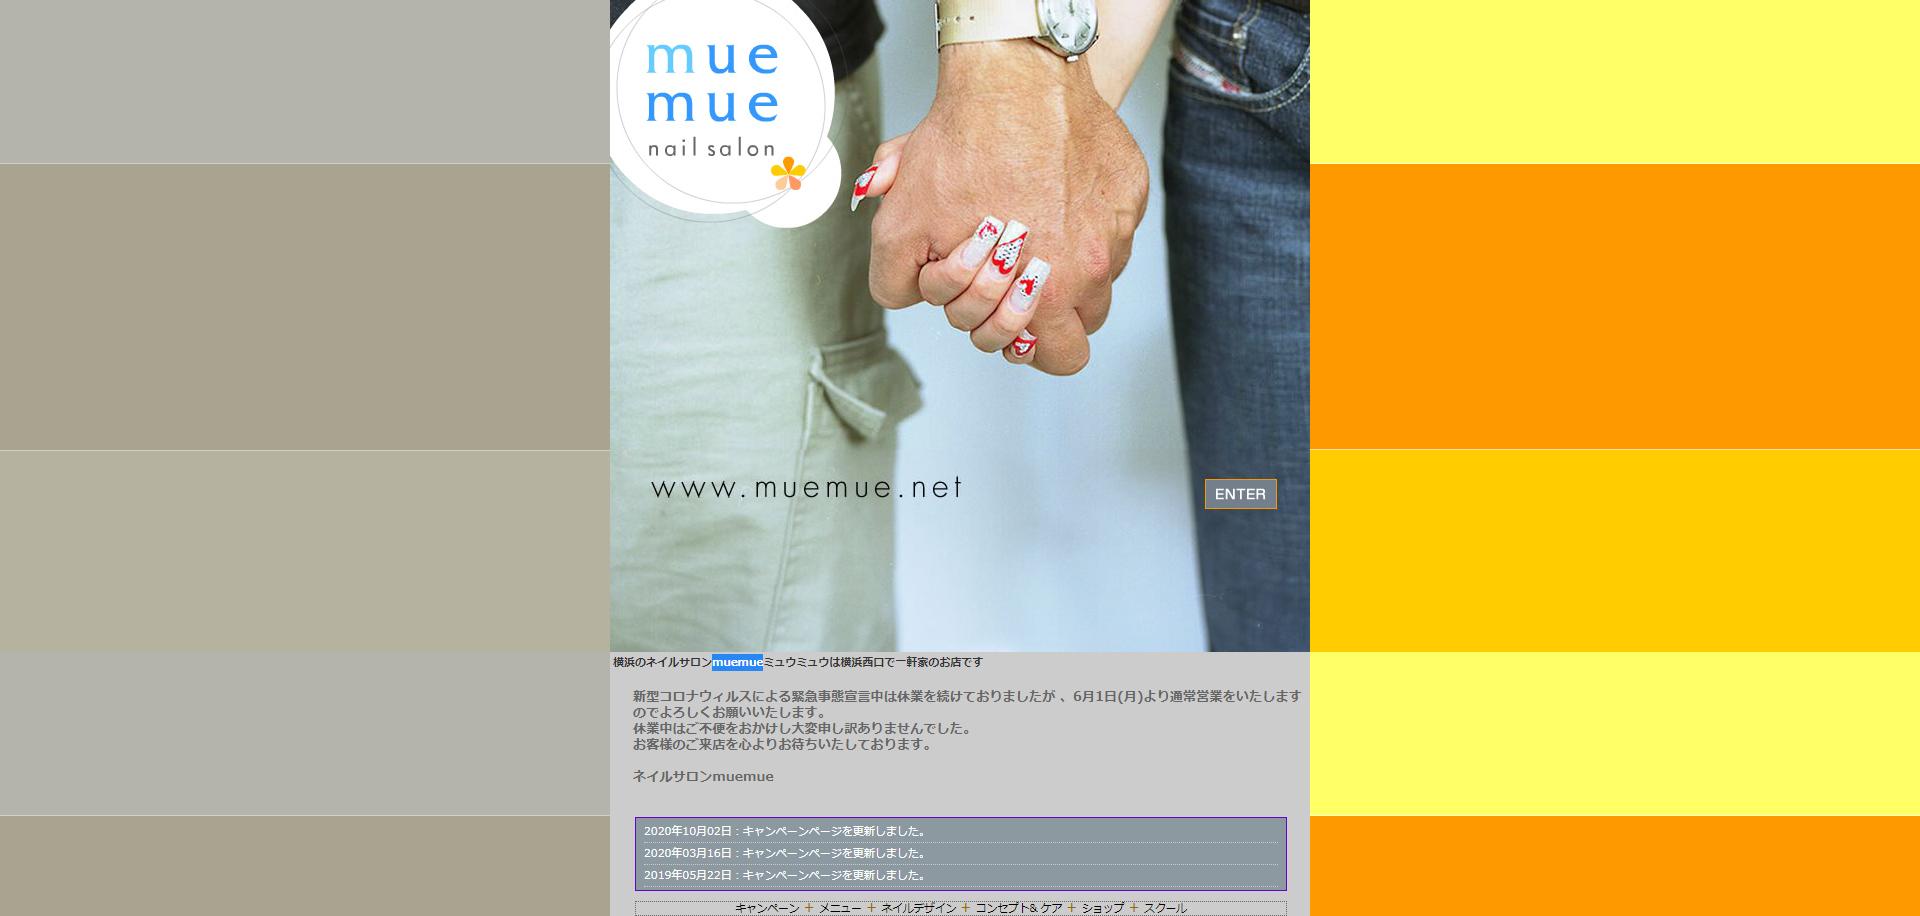 muemue(ミュウミュウ)